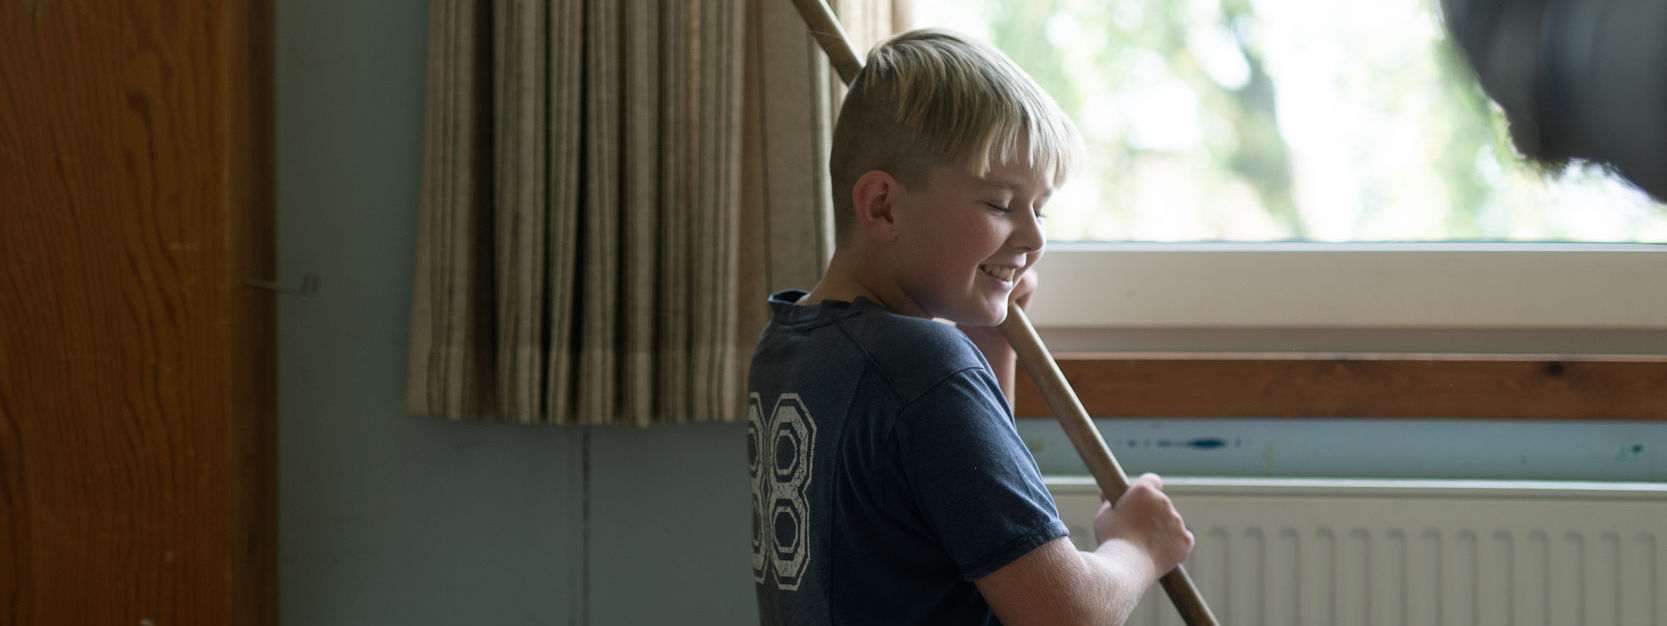 Glad dreng fejer gulvet